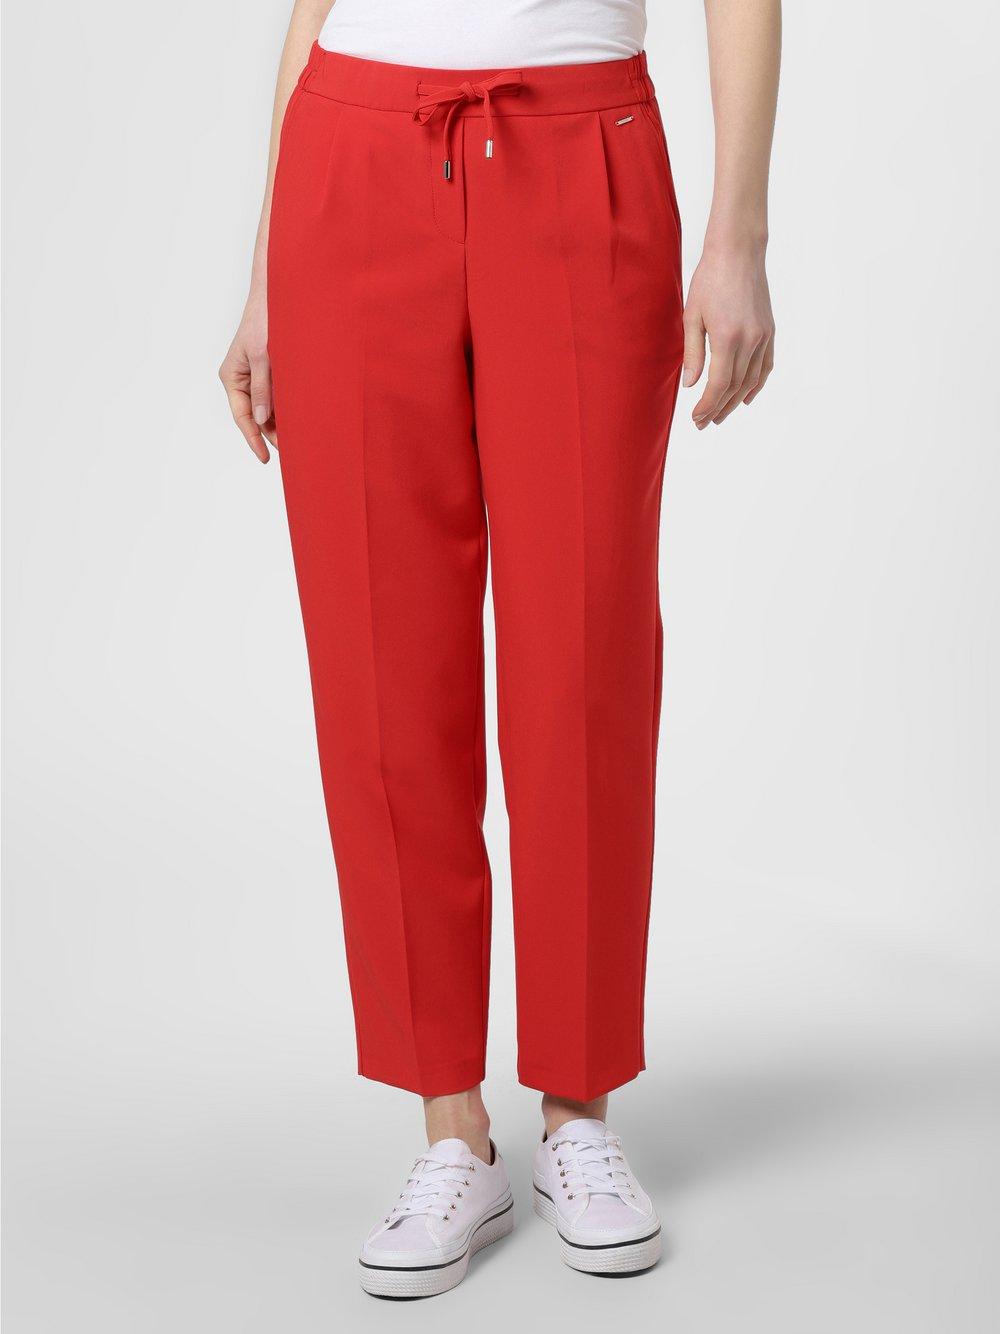 comma - Spodnie damskie, czerwony